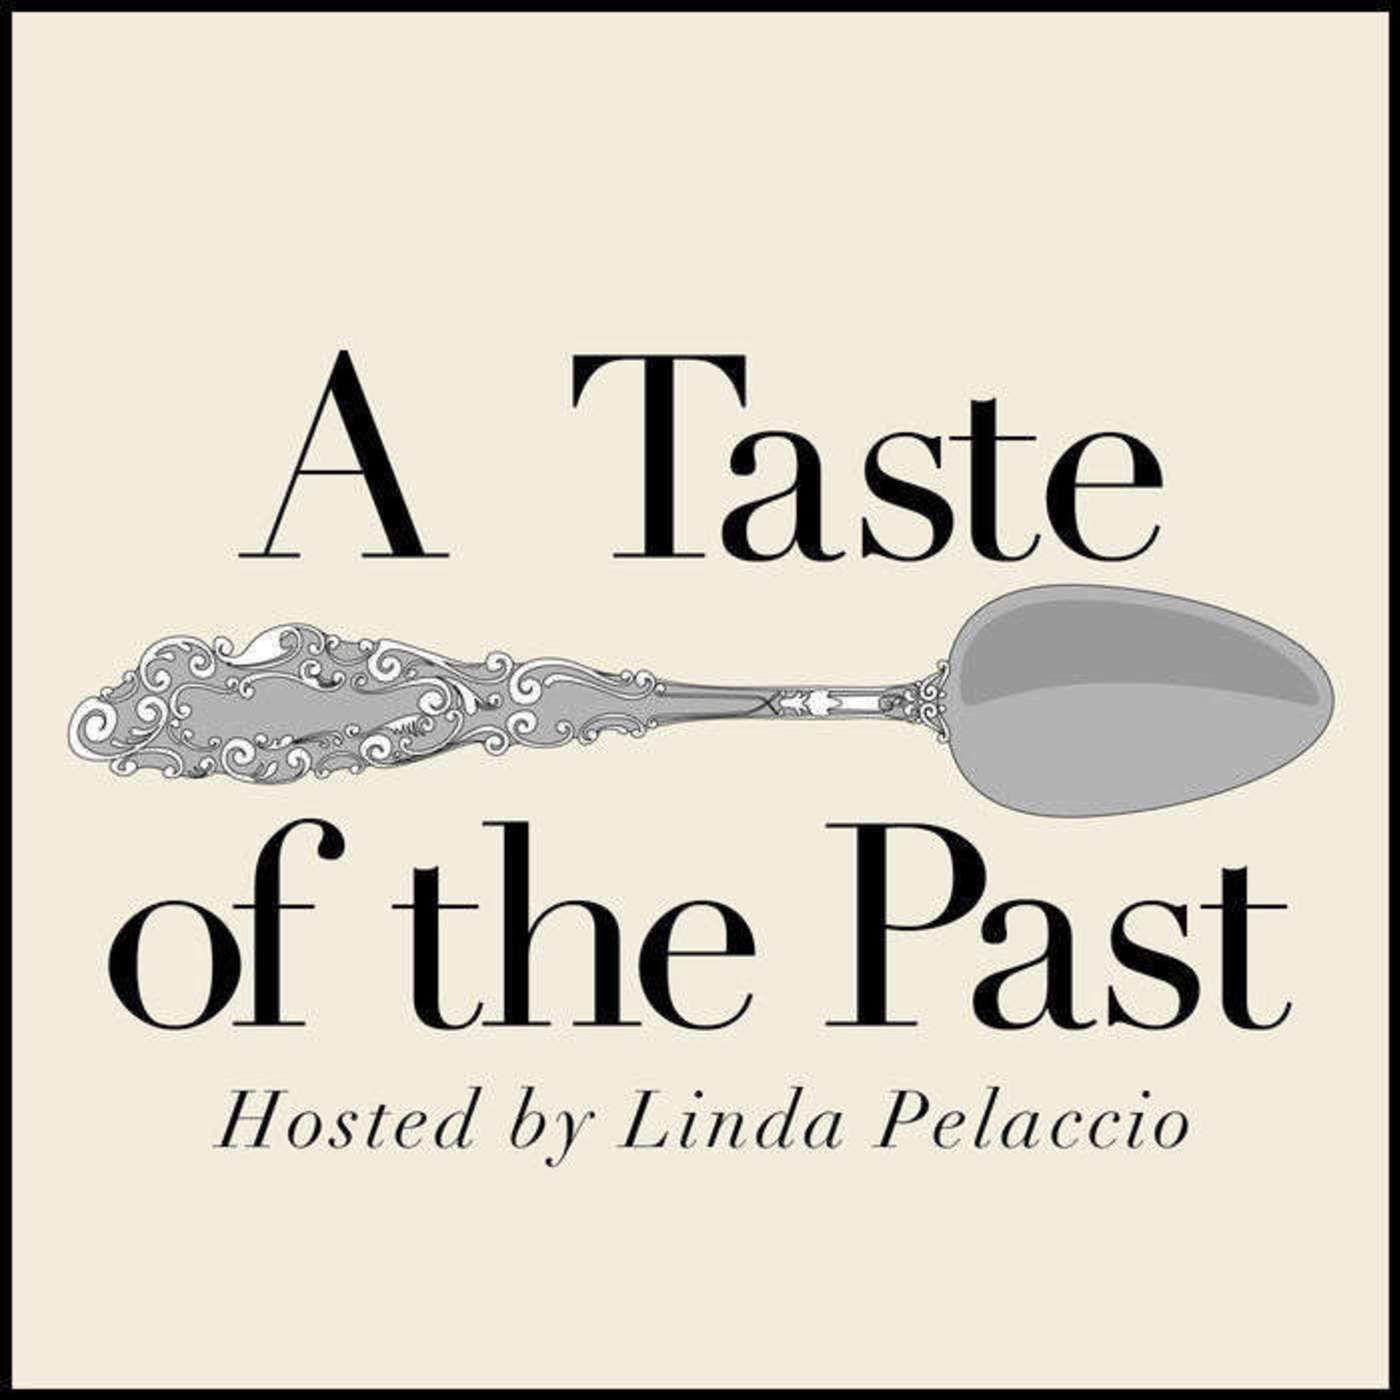 Episode 174: The Beekman 1802 Heirloom Vegetable Cookbook